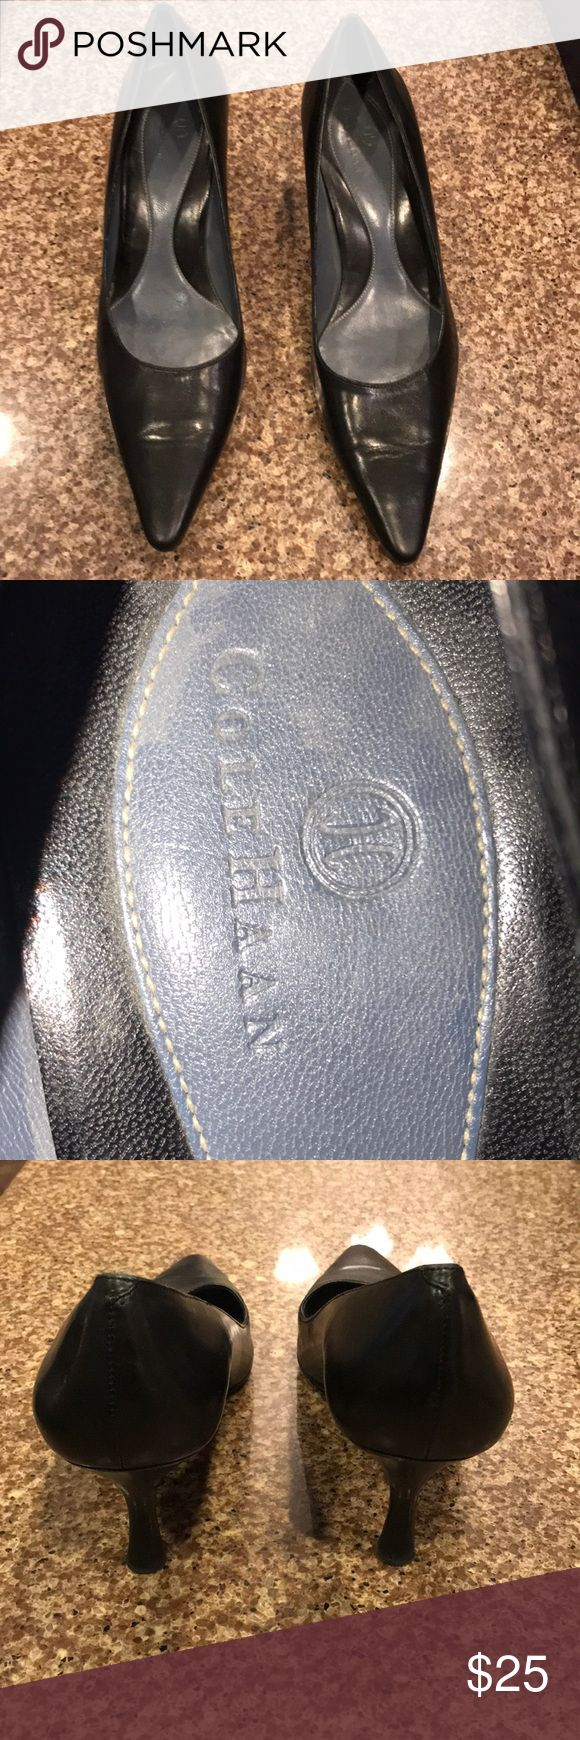 """COLE HAAN Black pumps 2""""Heel Sz10. Great Condition 🌹 COLE HAAN Black pumps 2""""Heel Sz10. Great Condition 🌹 Cole Haan Shoes Heels"""